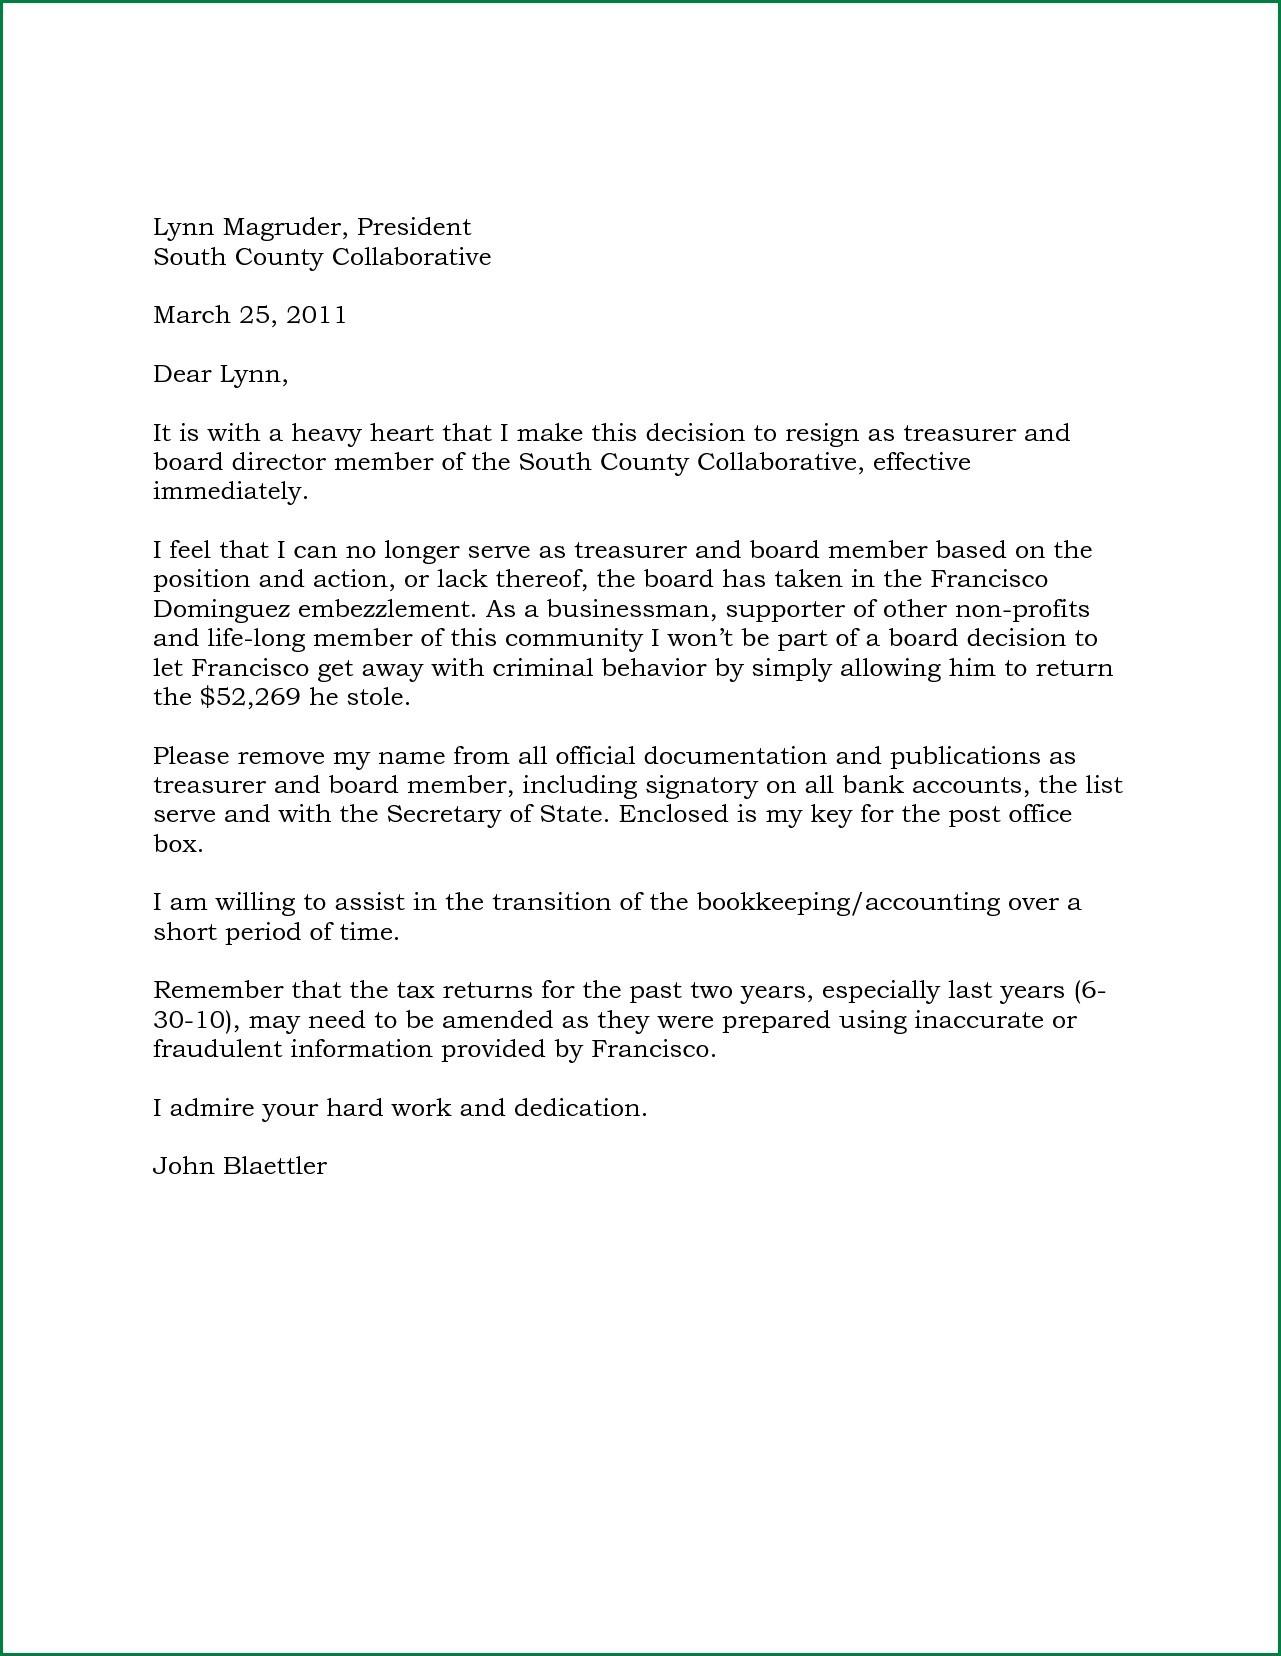 Short Resignation Letter Template - formal Resignation Letter Template E Month Notice Copy Cards